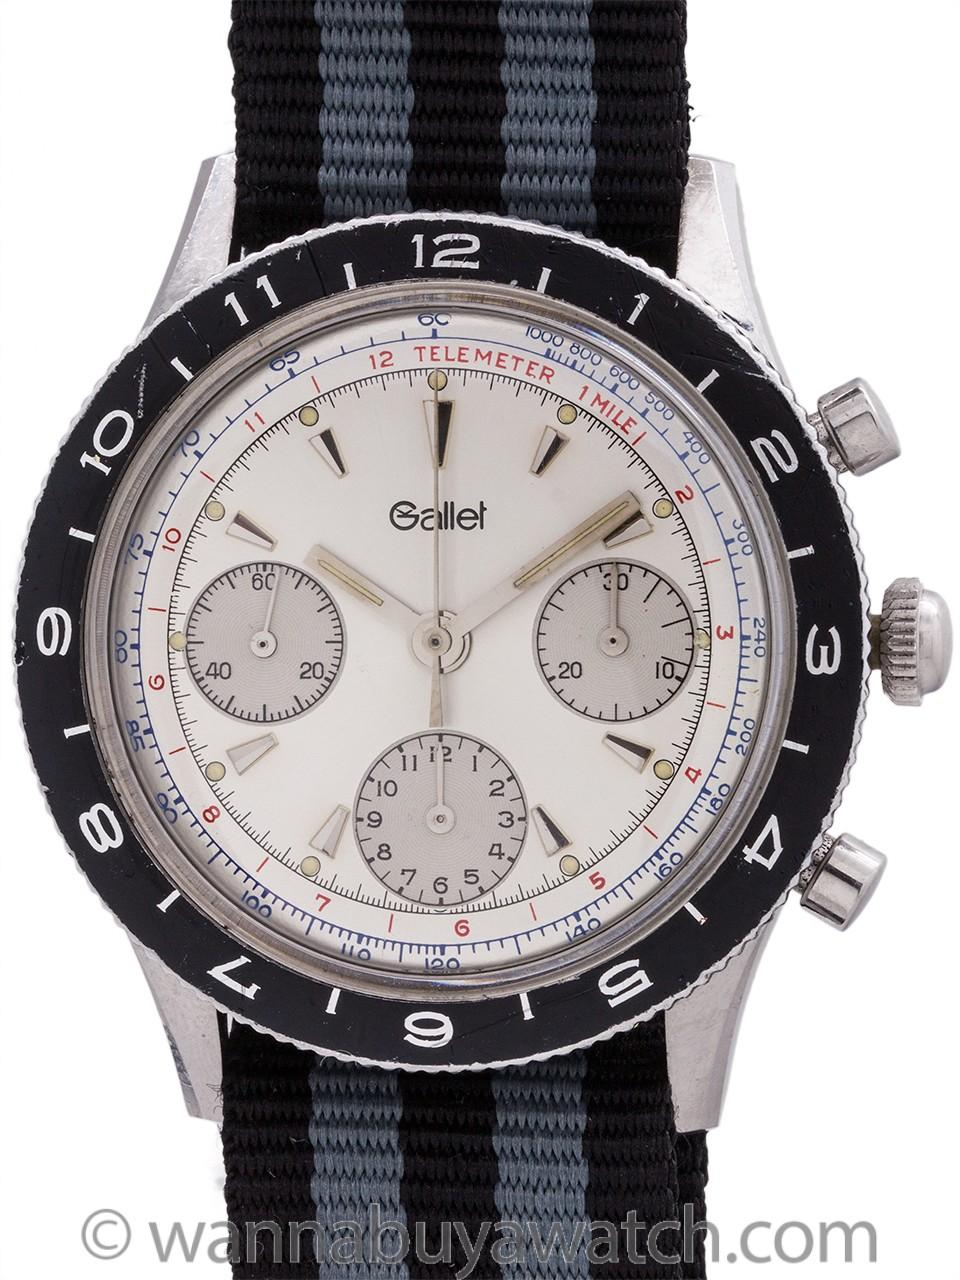 Gallet Multichron Pilot Chronograph circa 1979